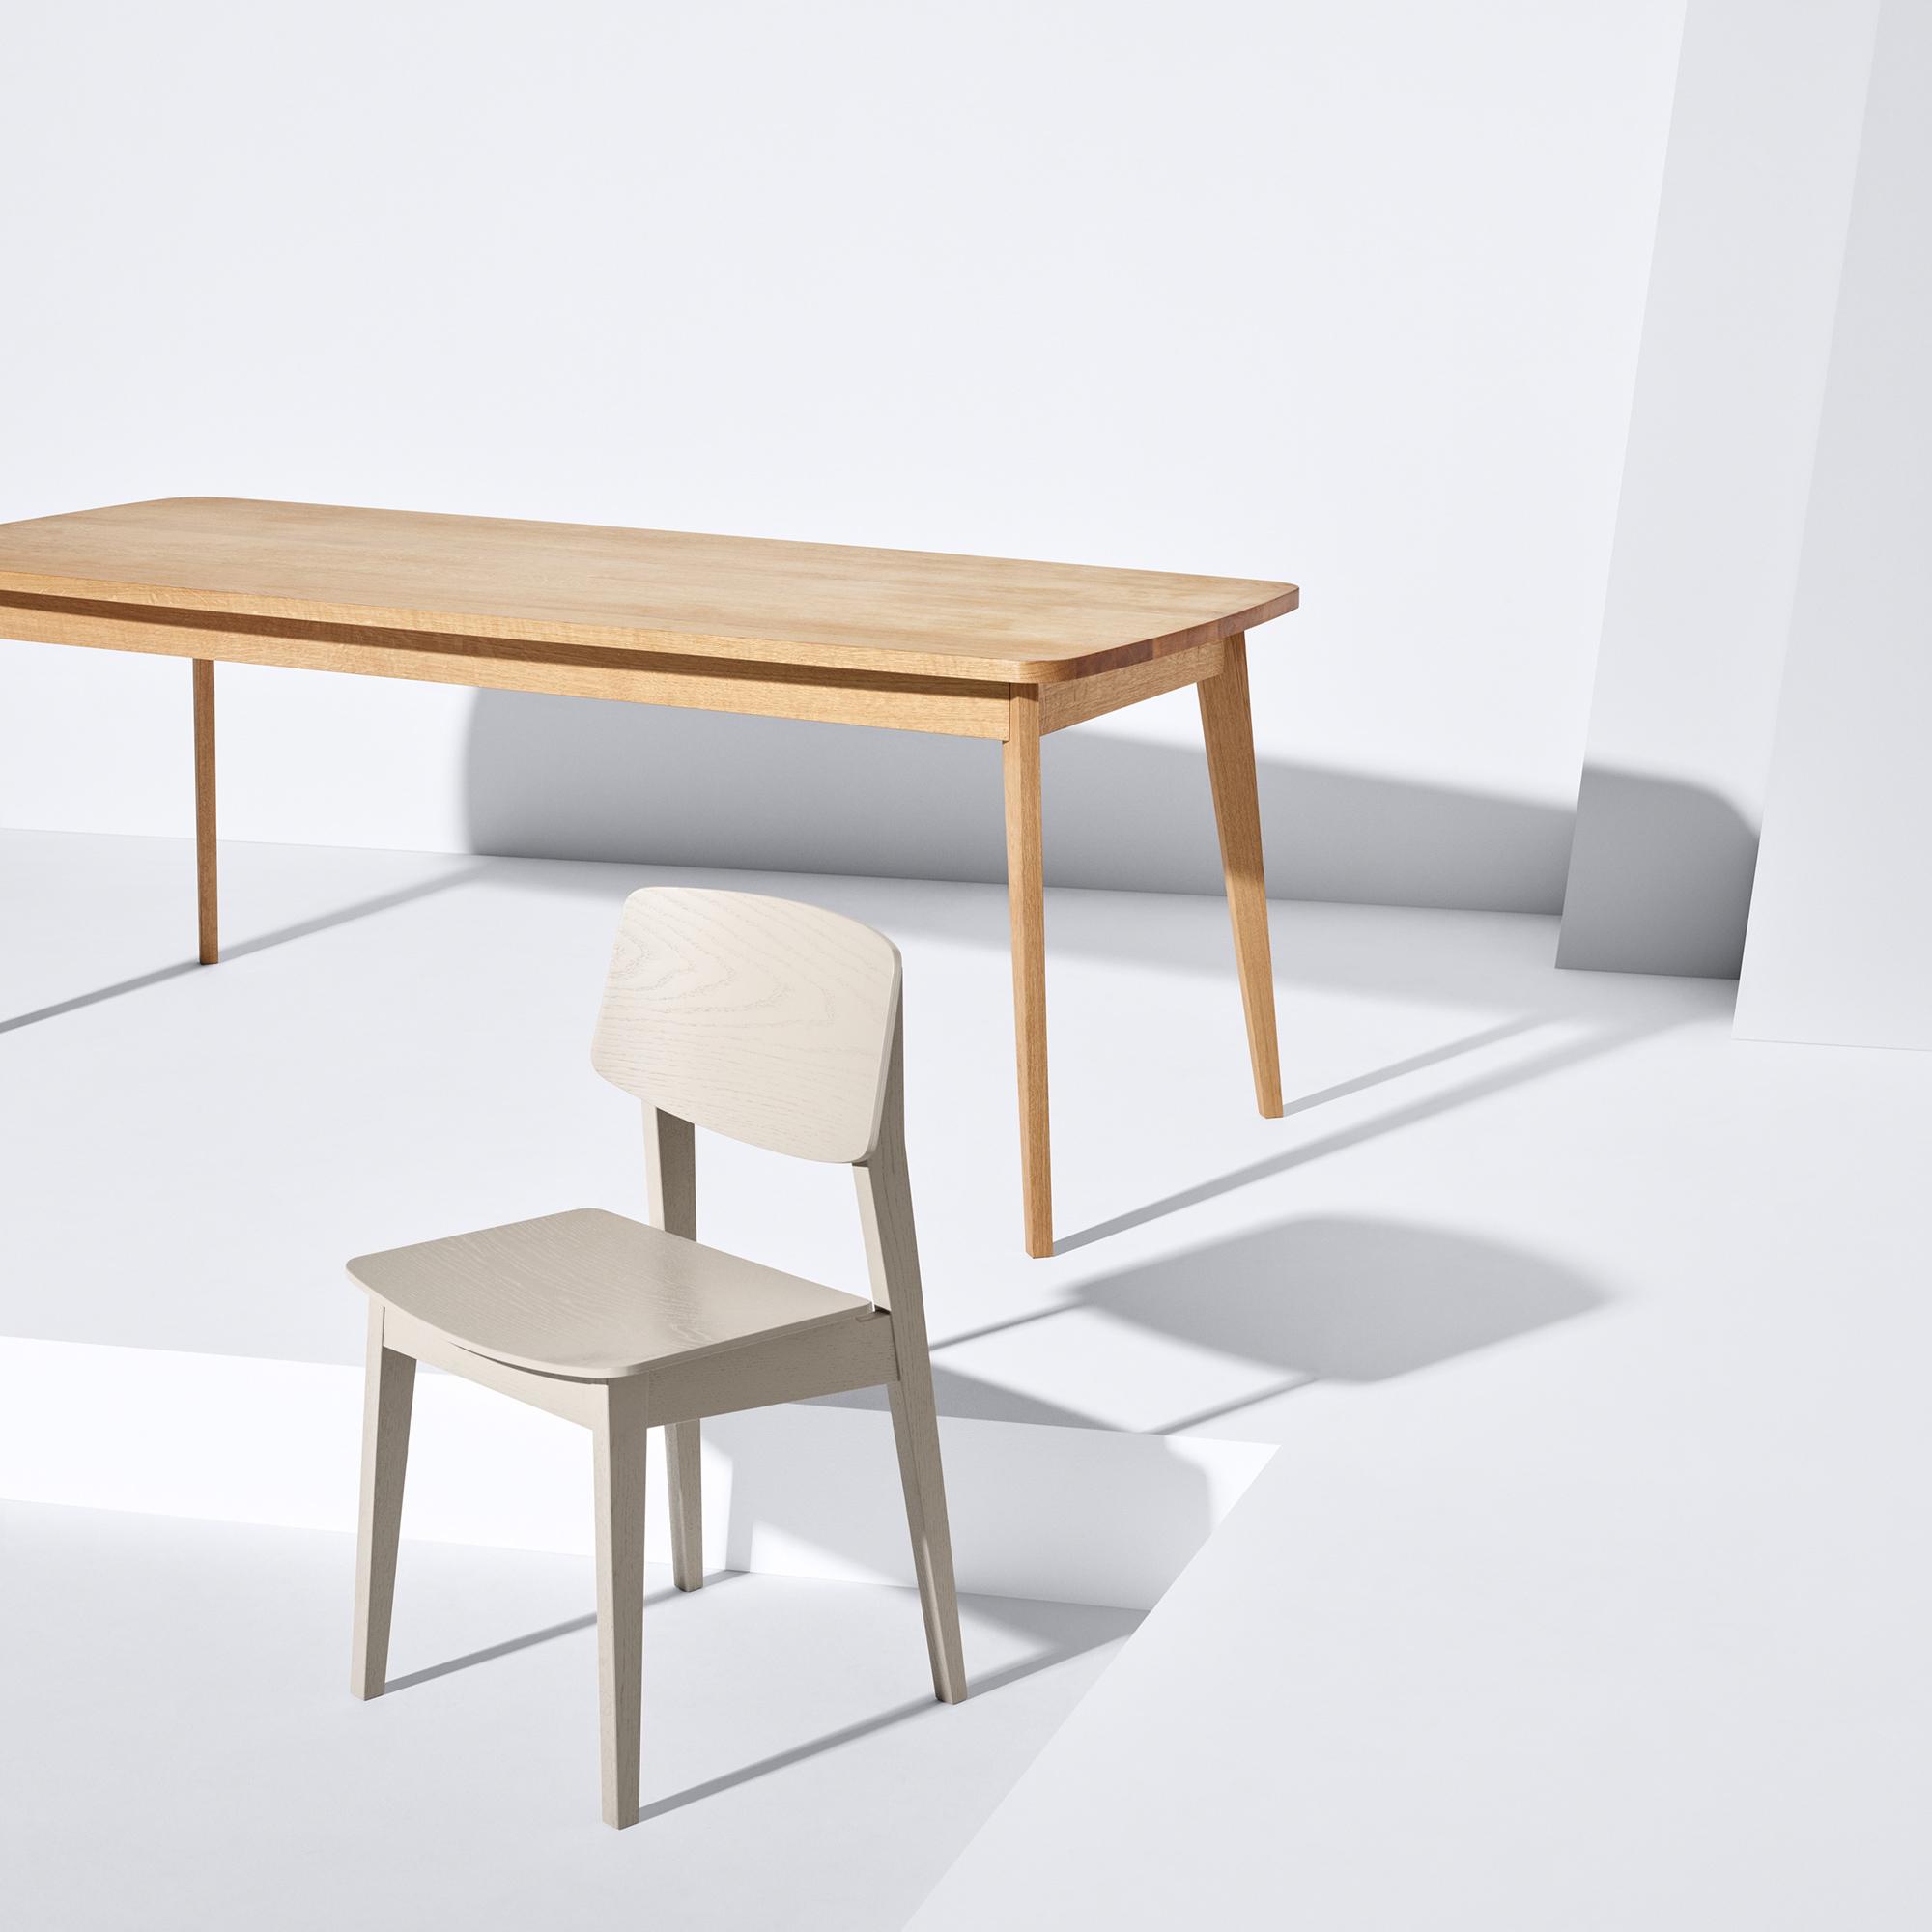 Usus Table und Usus Chair aus nachhaltiger europäischer Eiche